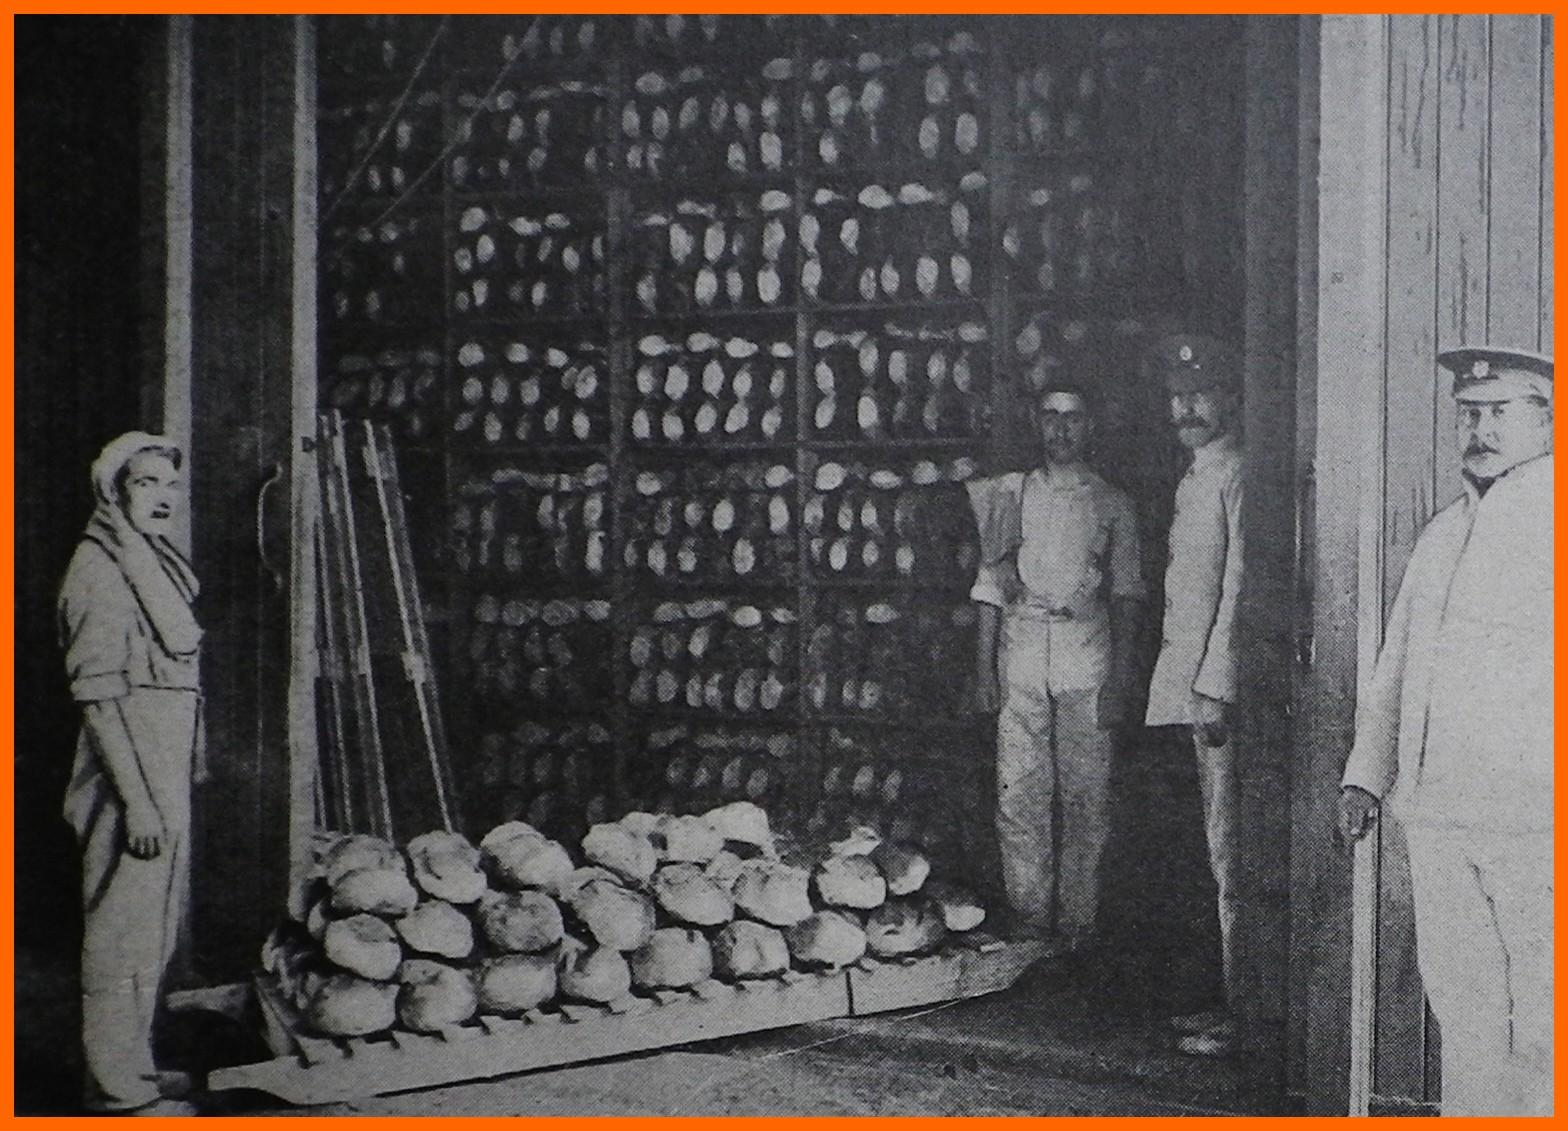 Calais 14 18 camp britannique a l usine des pates a papier boulangerie anglaise chargee d approvisionner l armee britannique trois trains charges chaque jour de vingt wagons de pai